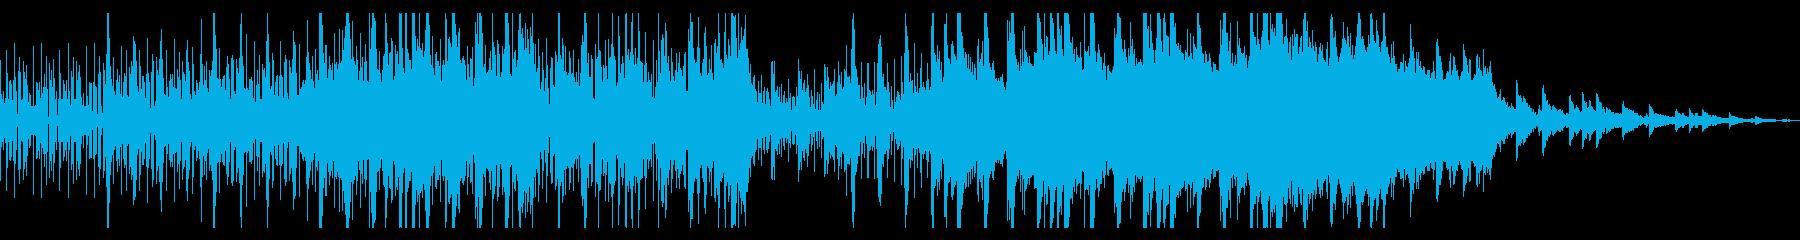 かわいいとオシャレの融合の再生済みの波形